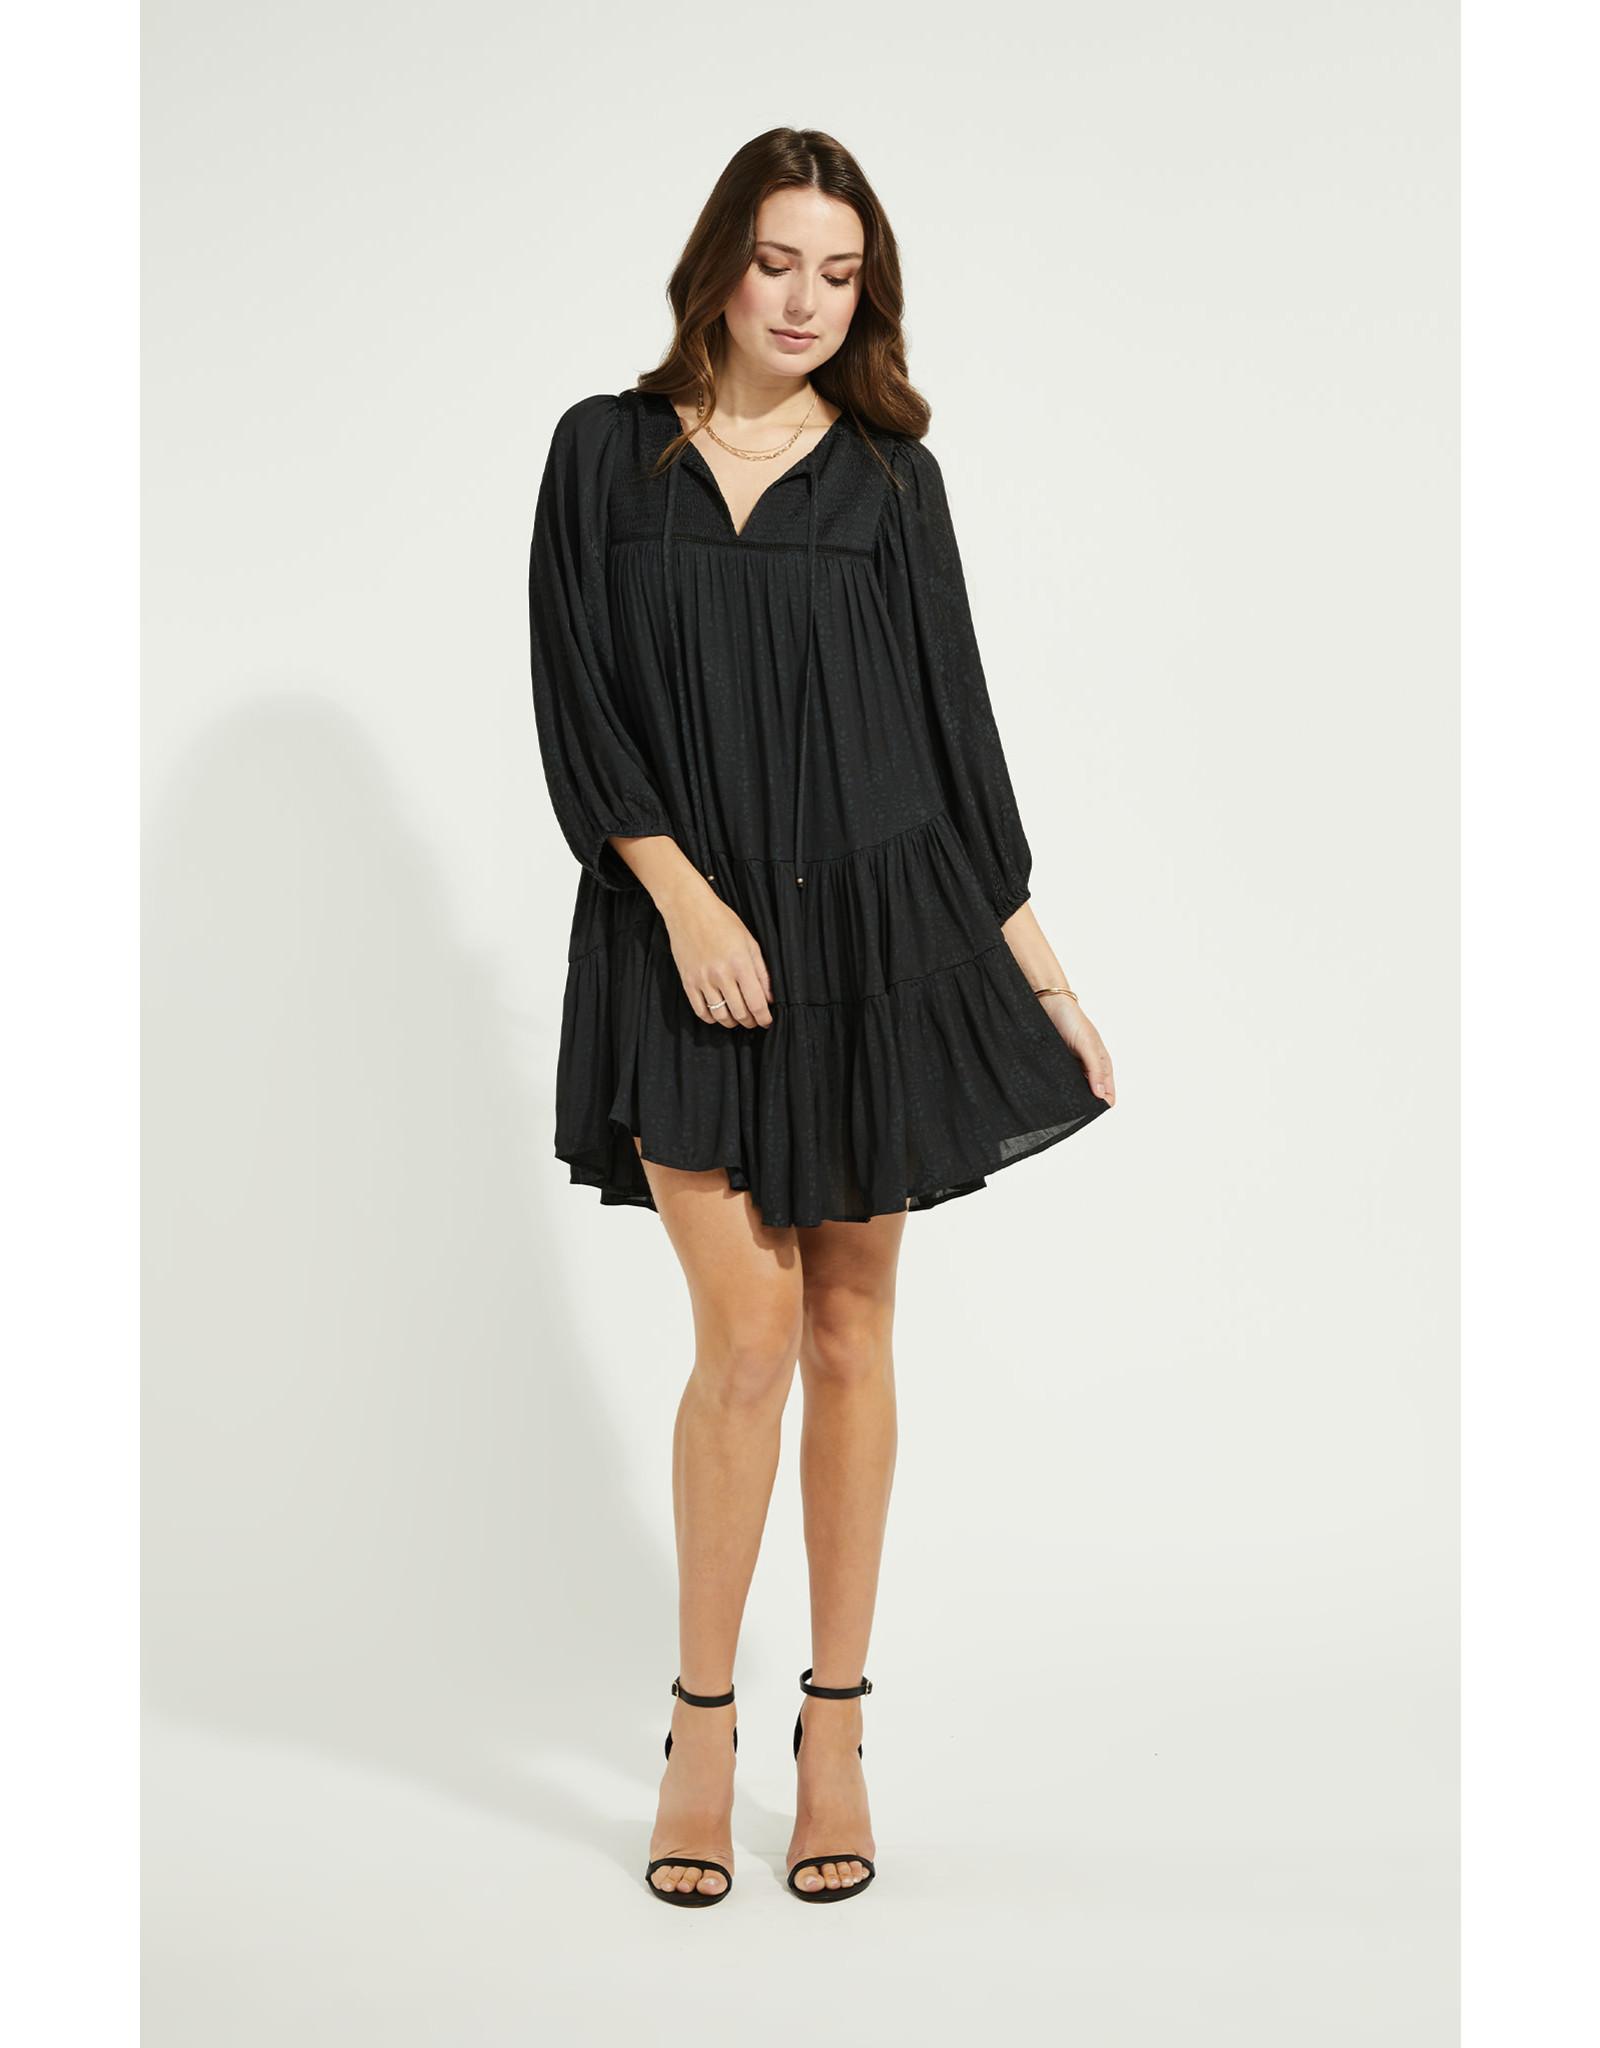 Gentle Fawn - Twirl Dress - Black